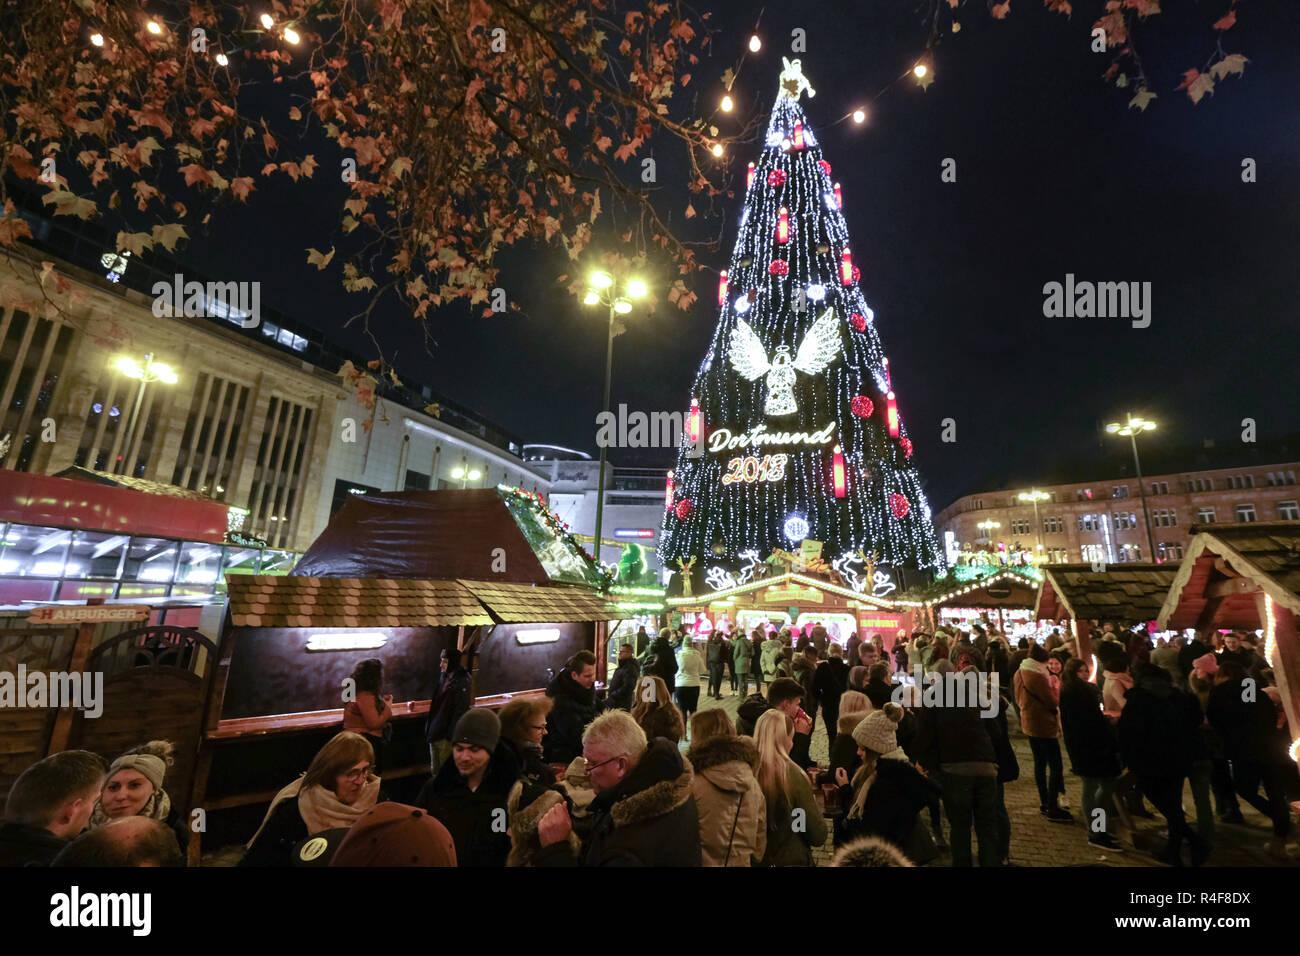 Tannenbaum Kaufen Dortmund.Der Größte Weihnachtsbaum Auf Dem Weihnachtsmarkt In Dortmund